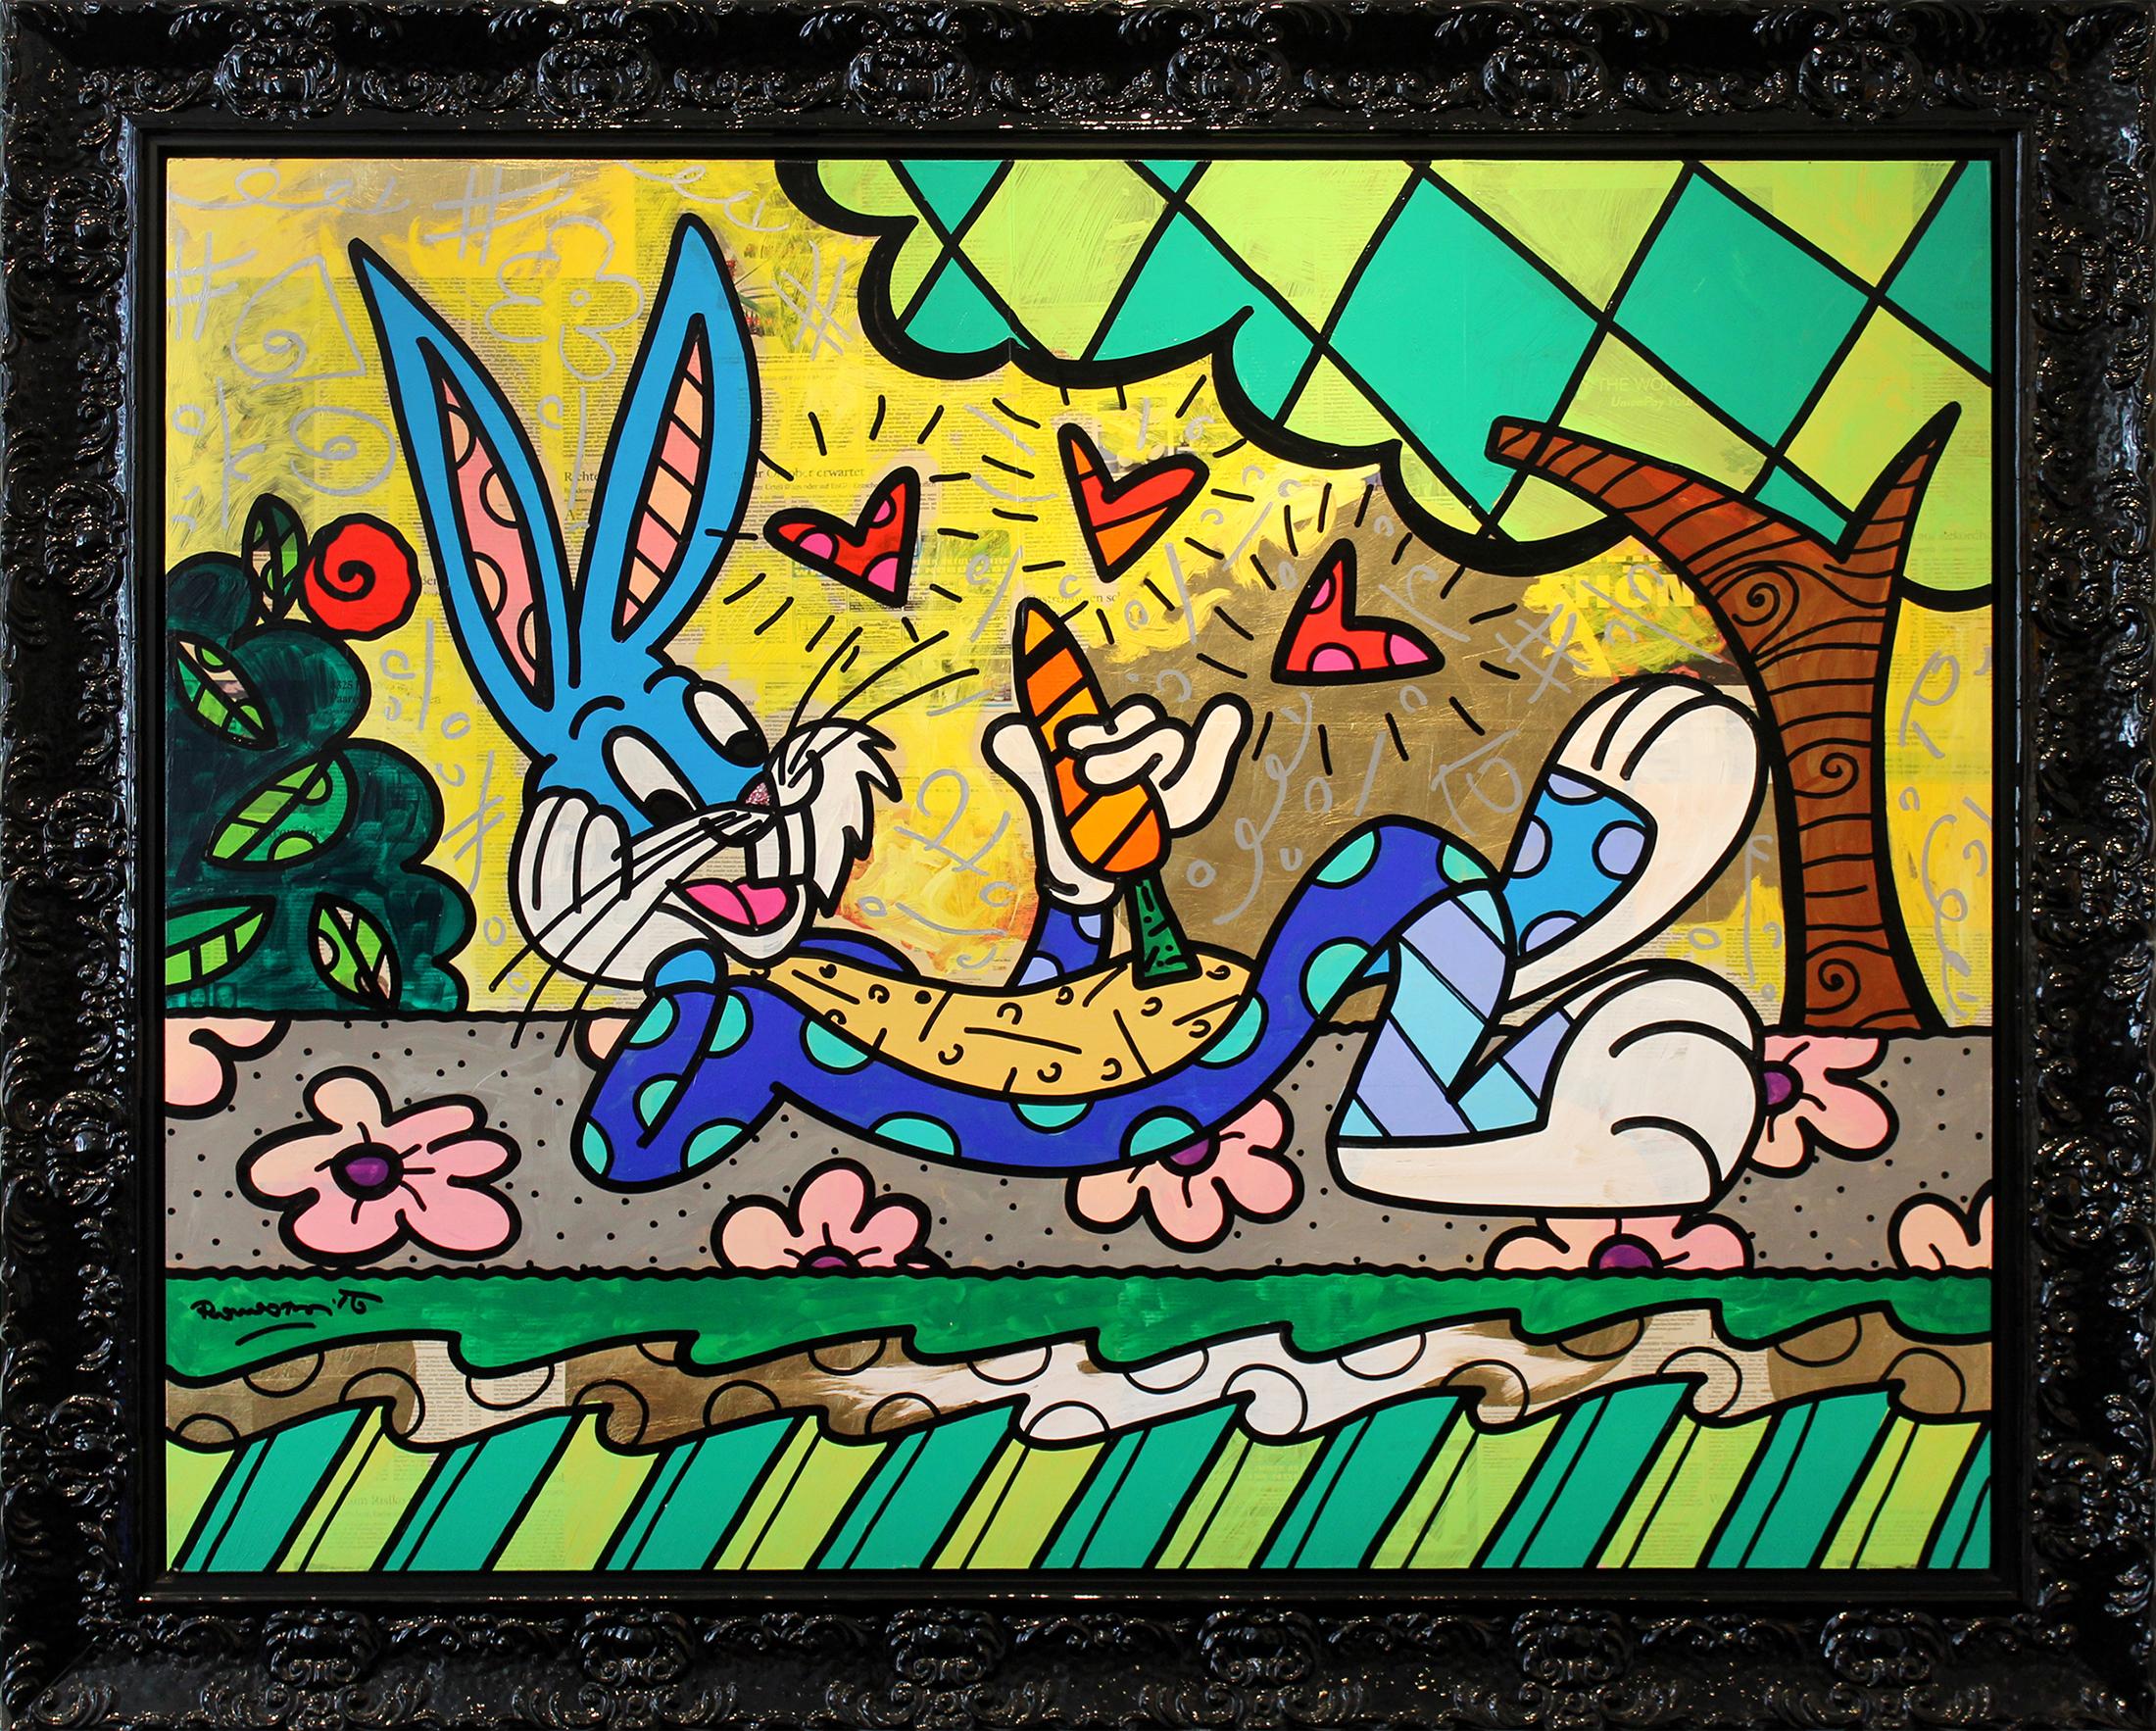 Romero Britto - In the park , 5603-012-420